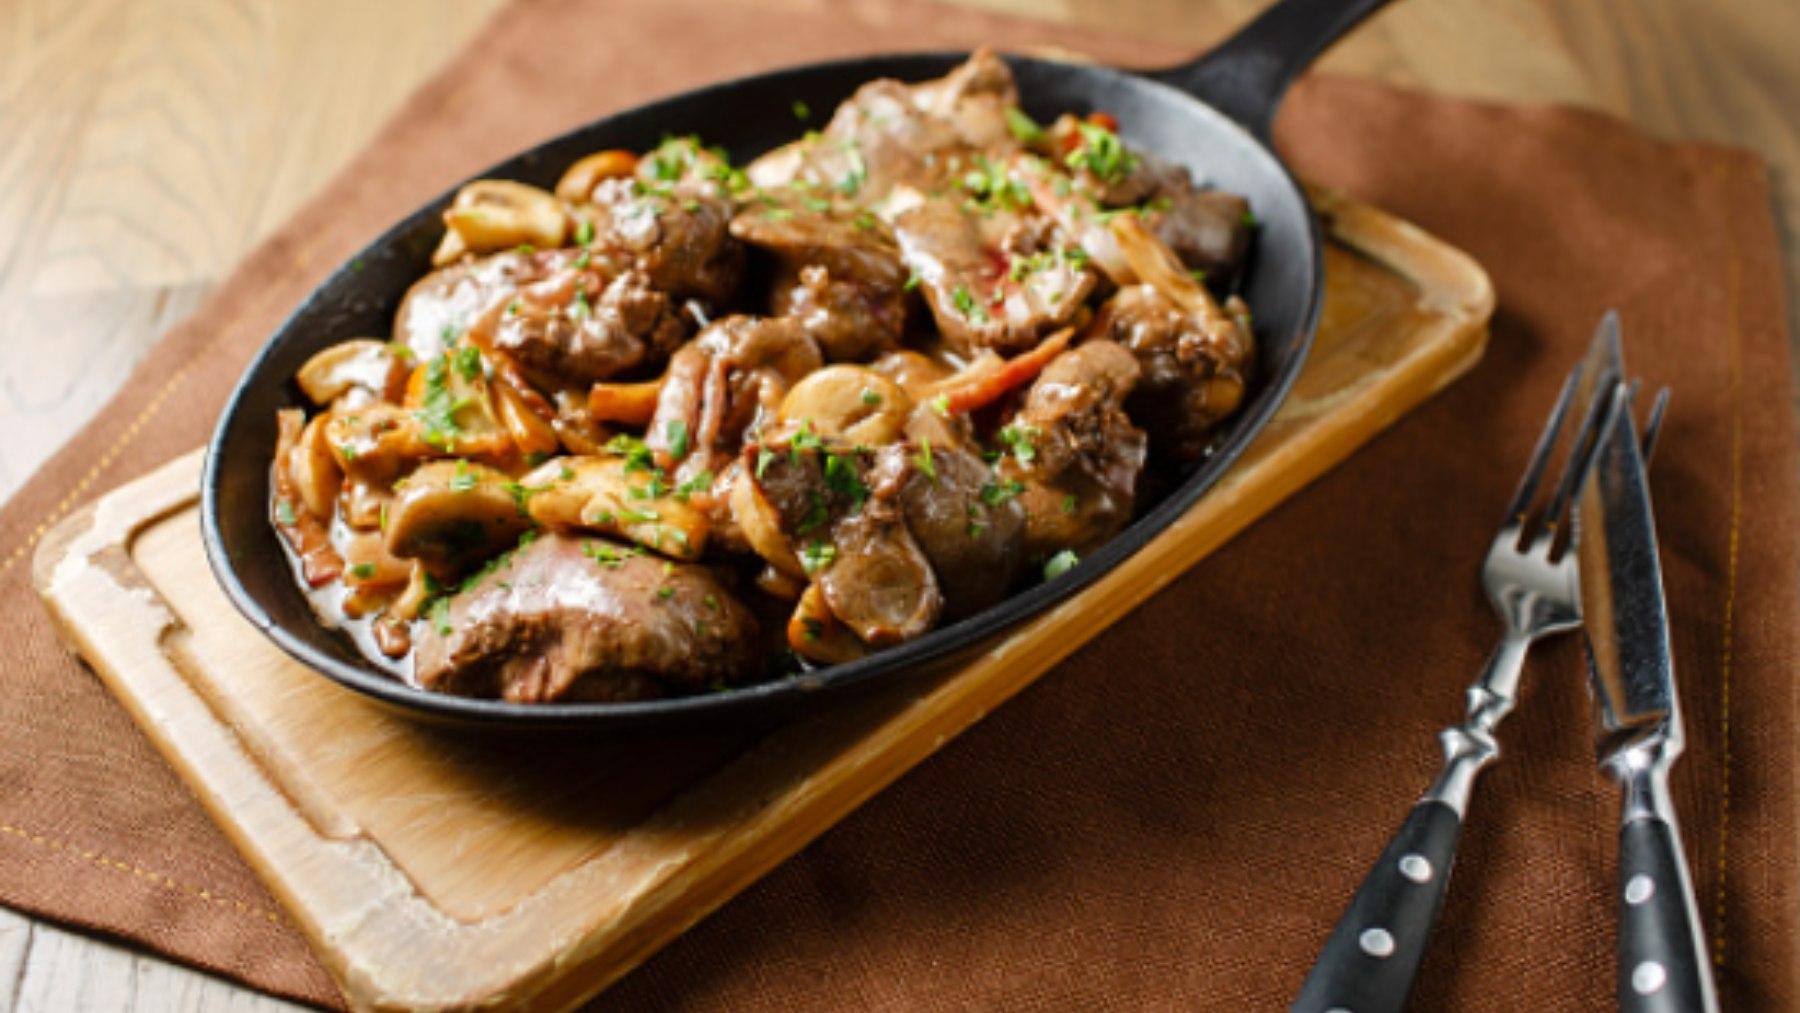 Pechuga de pollo con champiñones, receta low cost y deliciosa